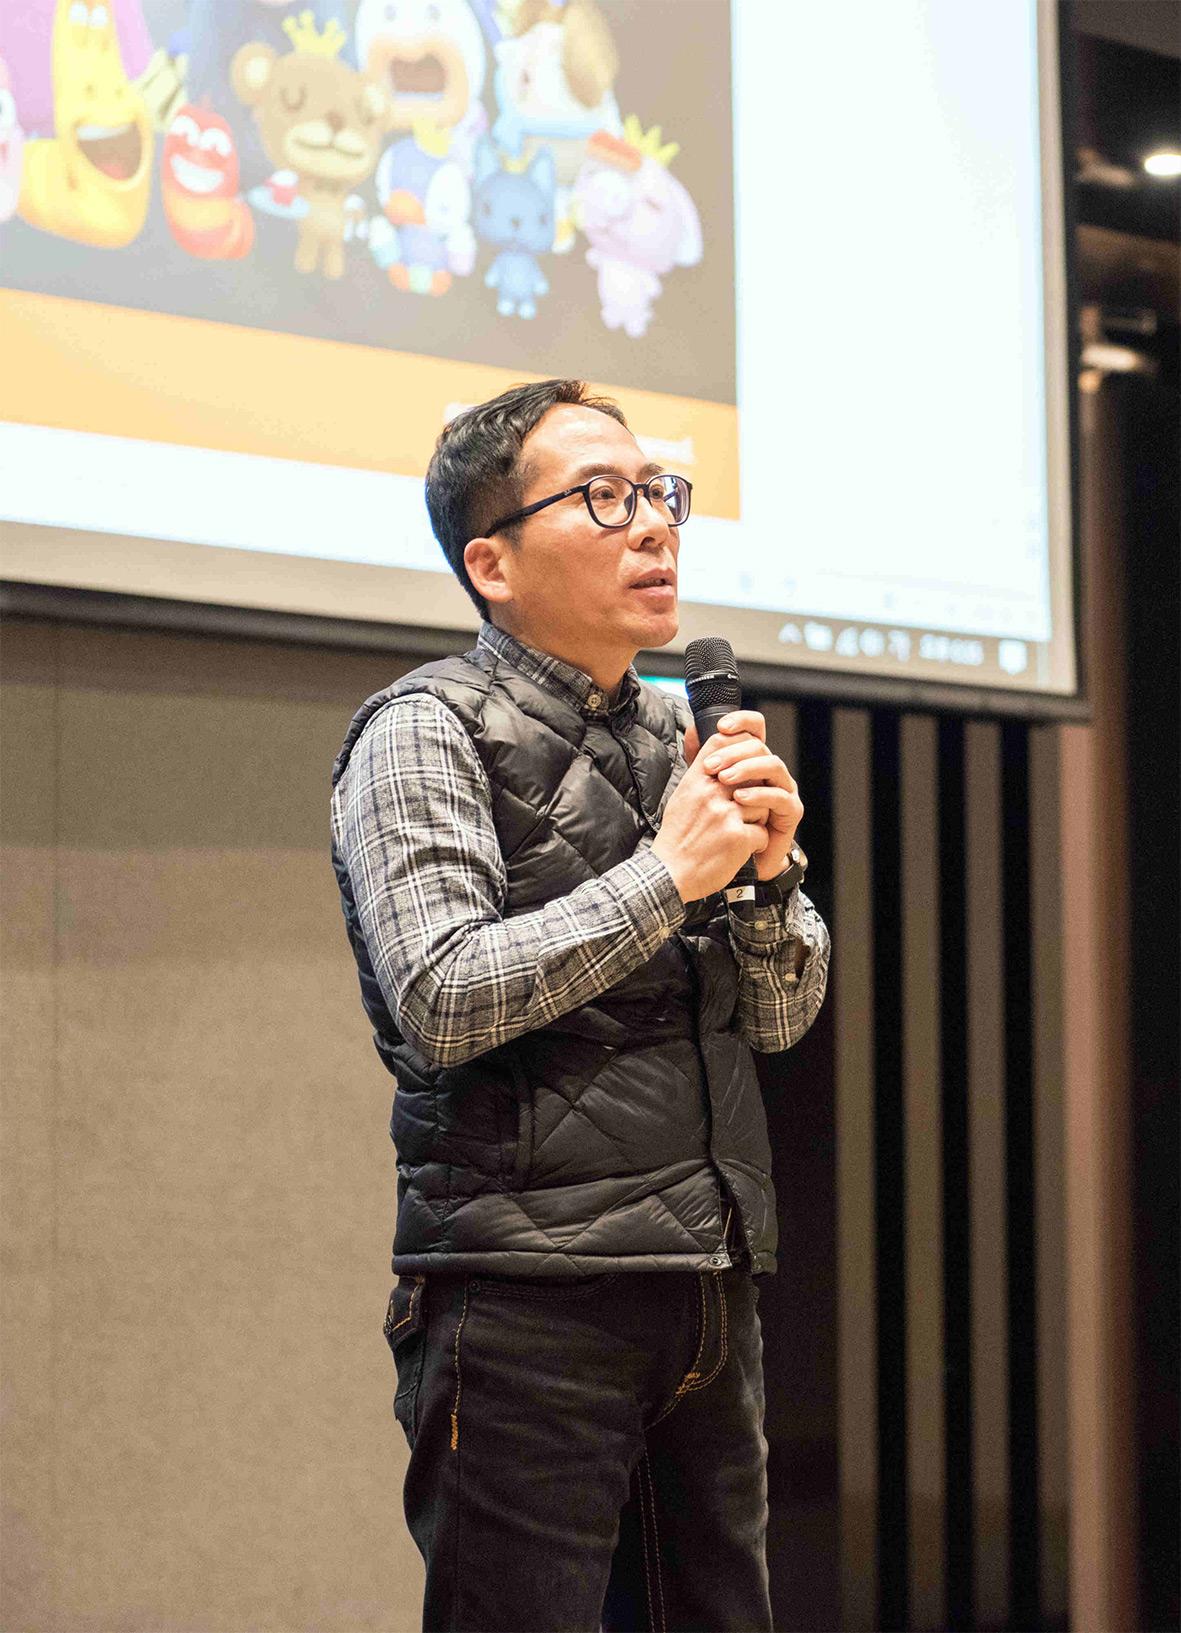 투바앤 김광용 대표가 제주에서 진행된 전직원 워크샵에서 인사말을 하고 있다.